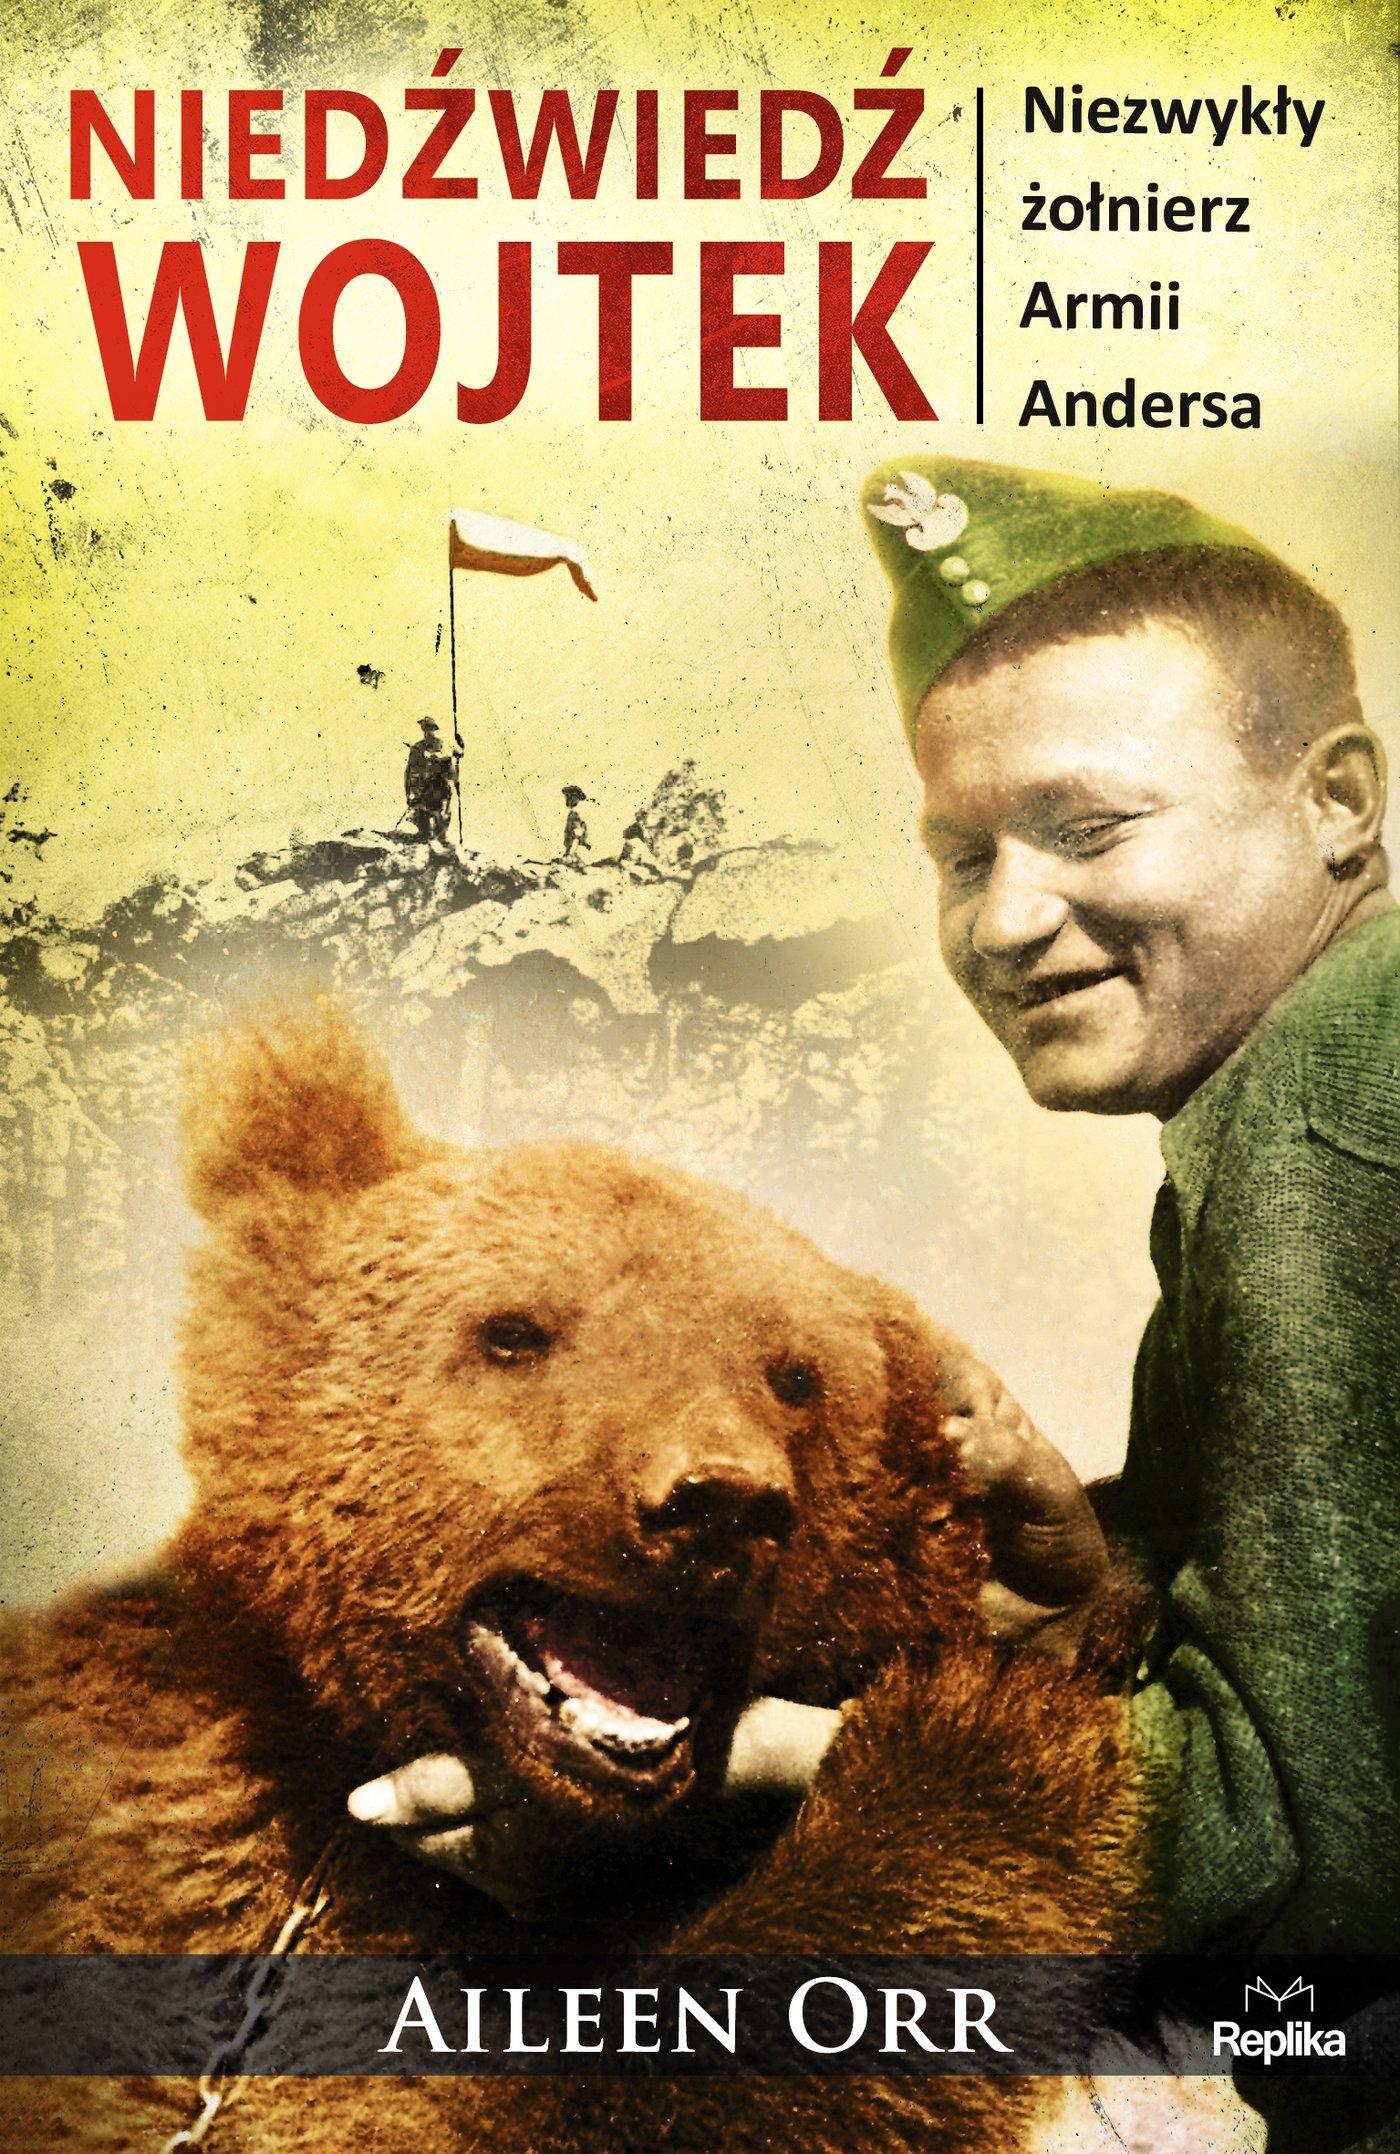 Niedźwiedź Wojtek - Ebook (Książka na Kindle) do pobrania w formacie MOBI